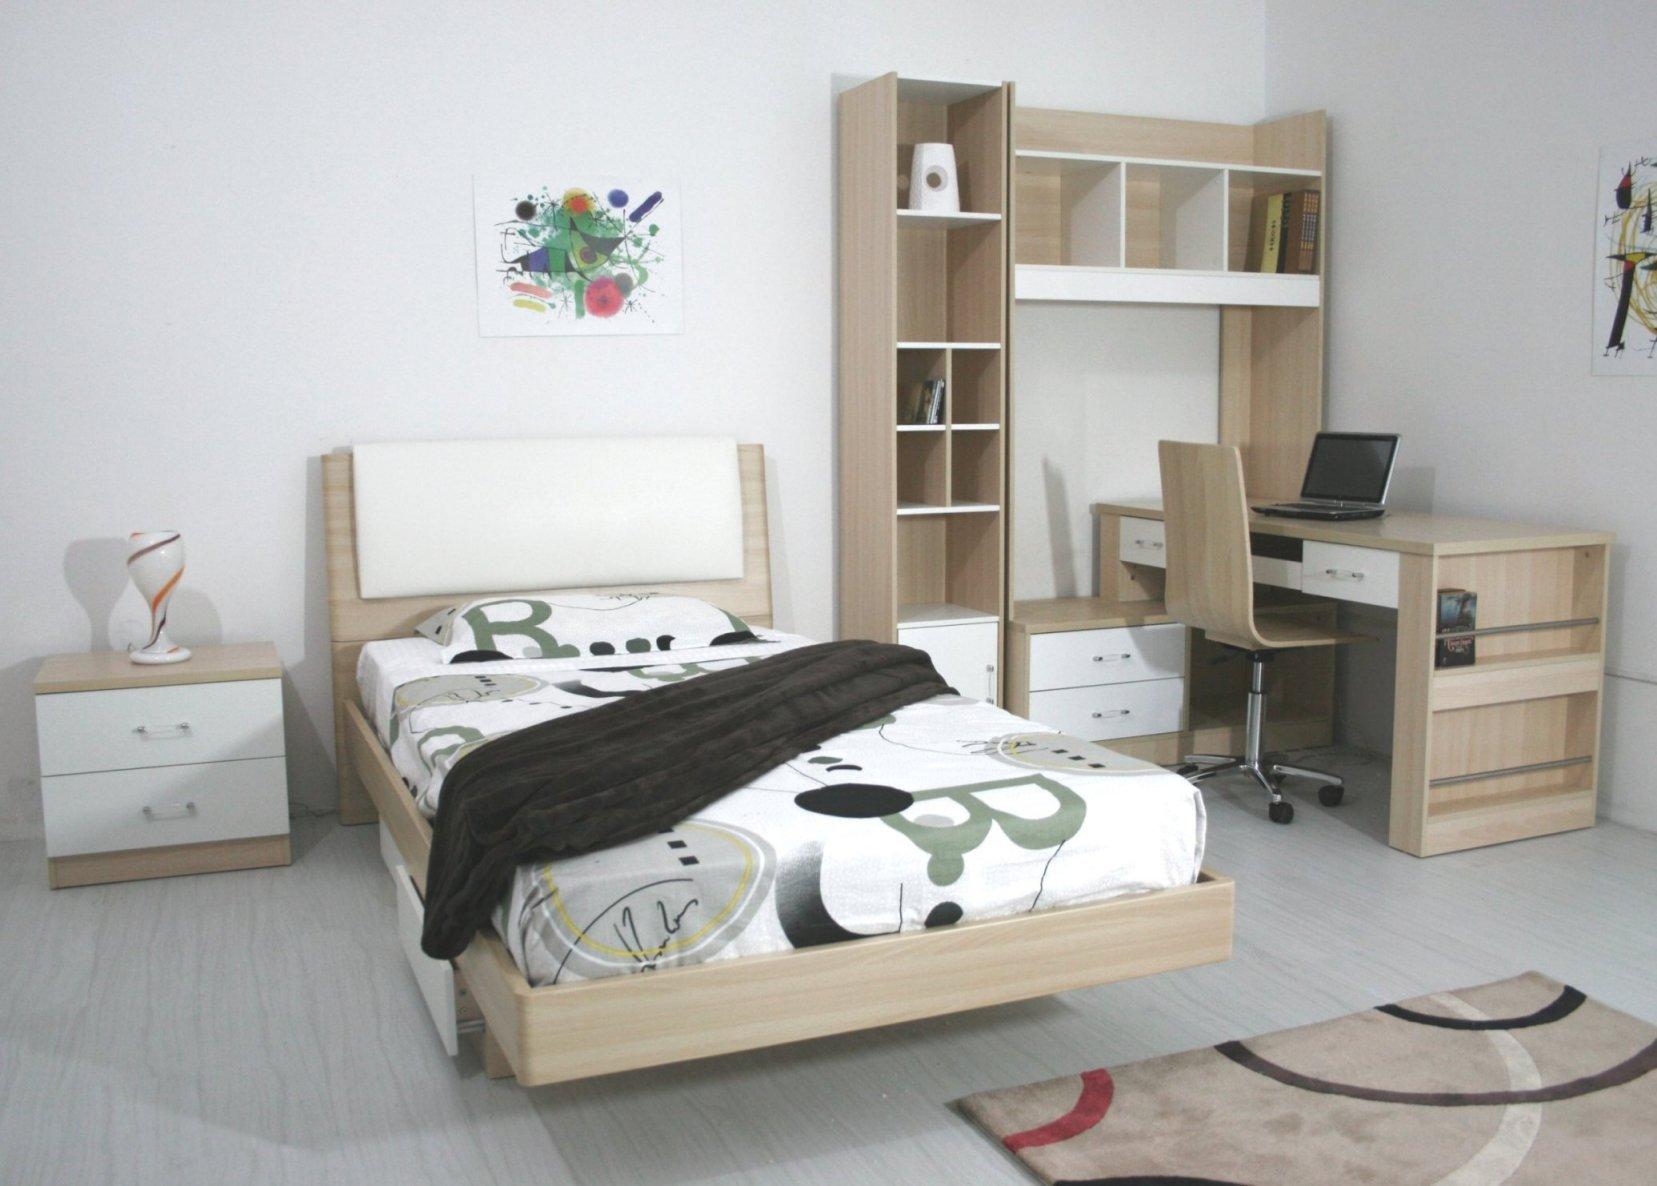 Suite de chambre coucher d 39 enfant et d 39 adolescent de for Chambre d autres